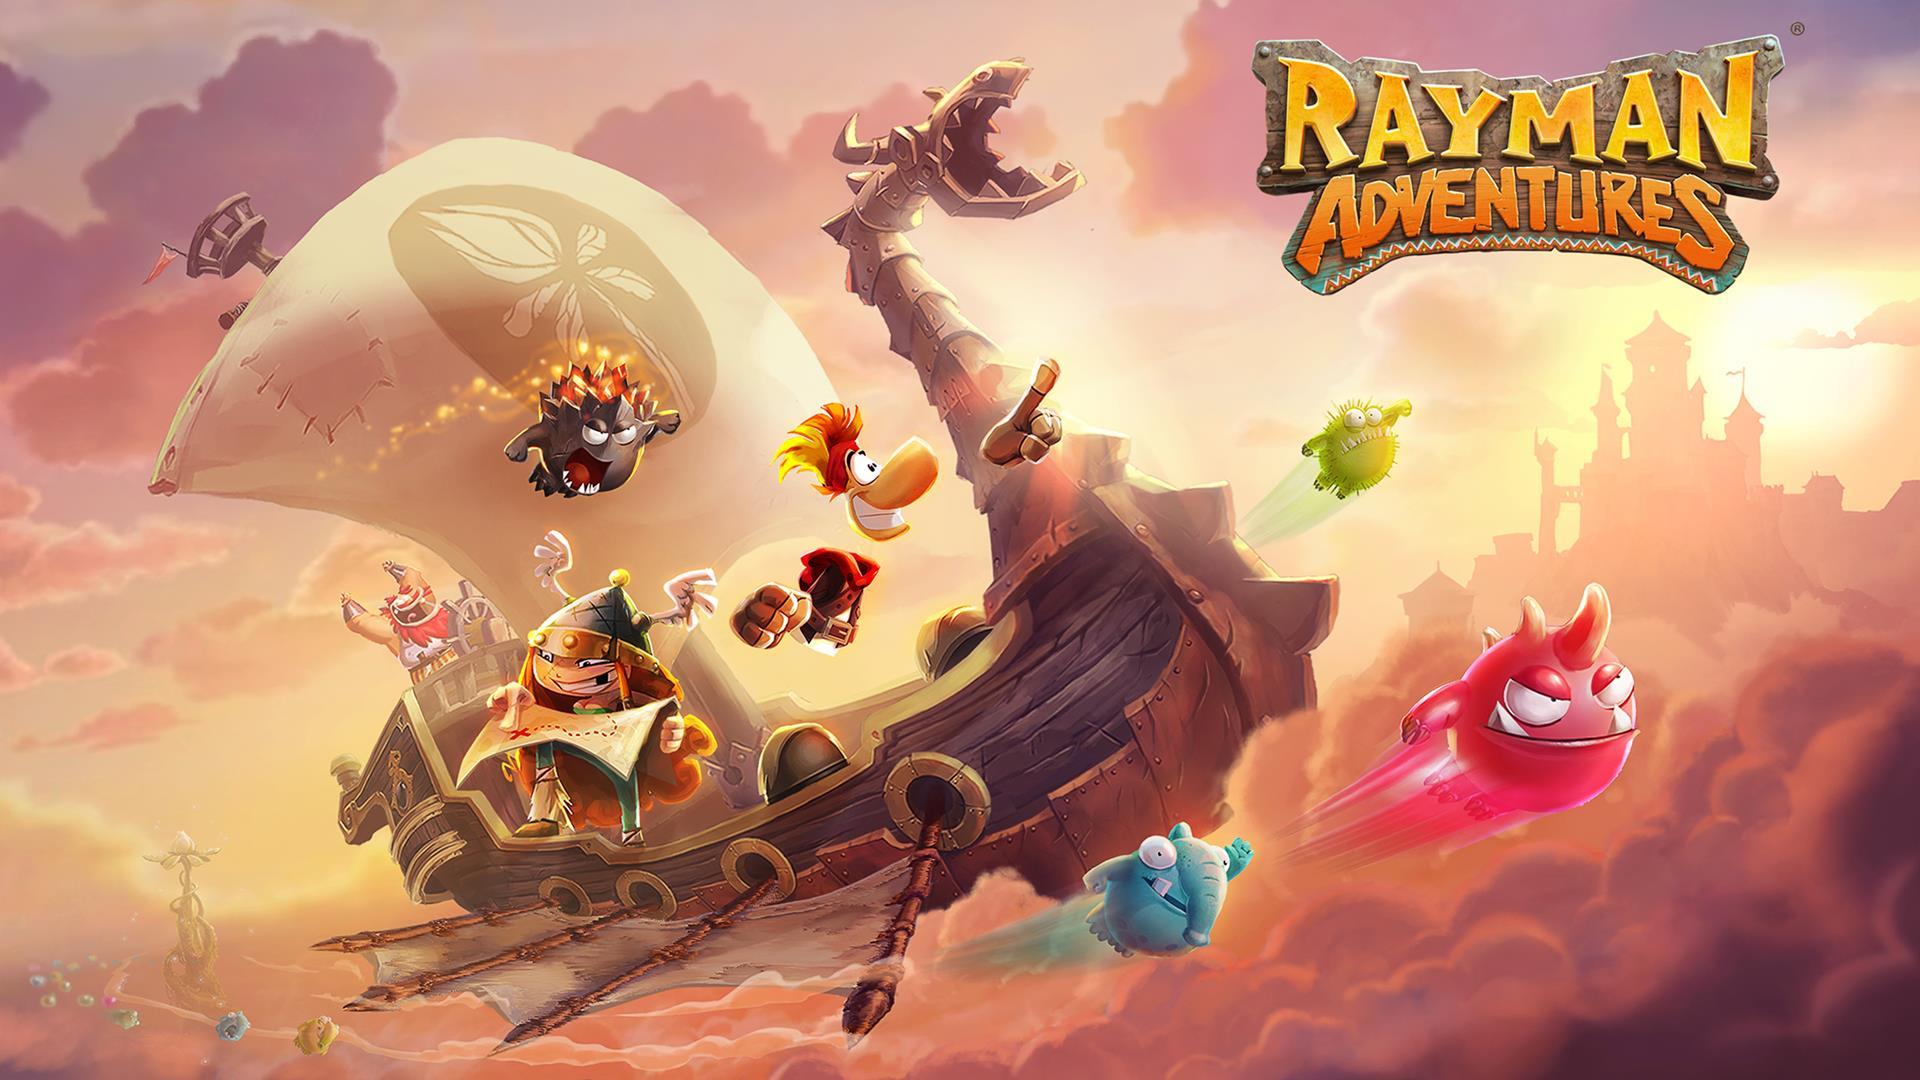 Rayman powraca! Niestety, tylko na mobilne urządzenia, ale za to całkowicie za darmo